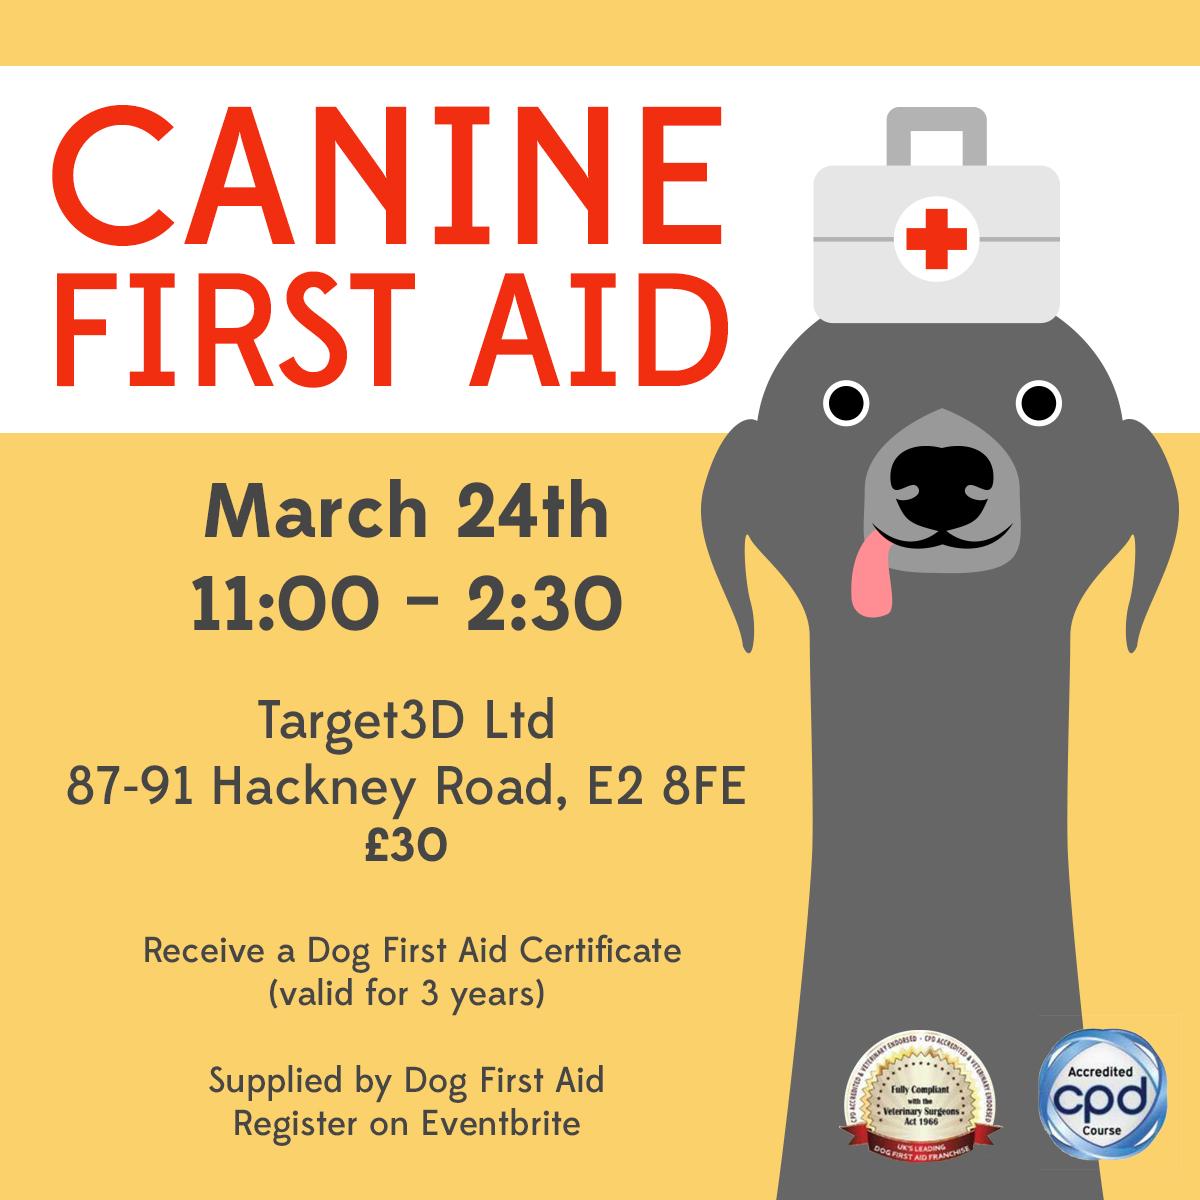 Canine_FirstAid_A4.jpg